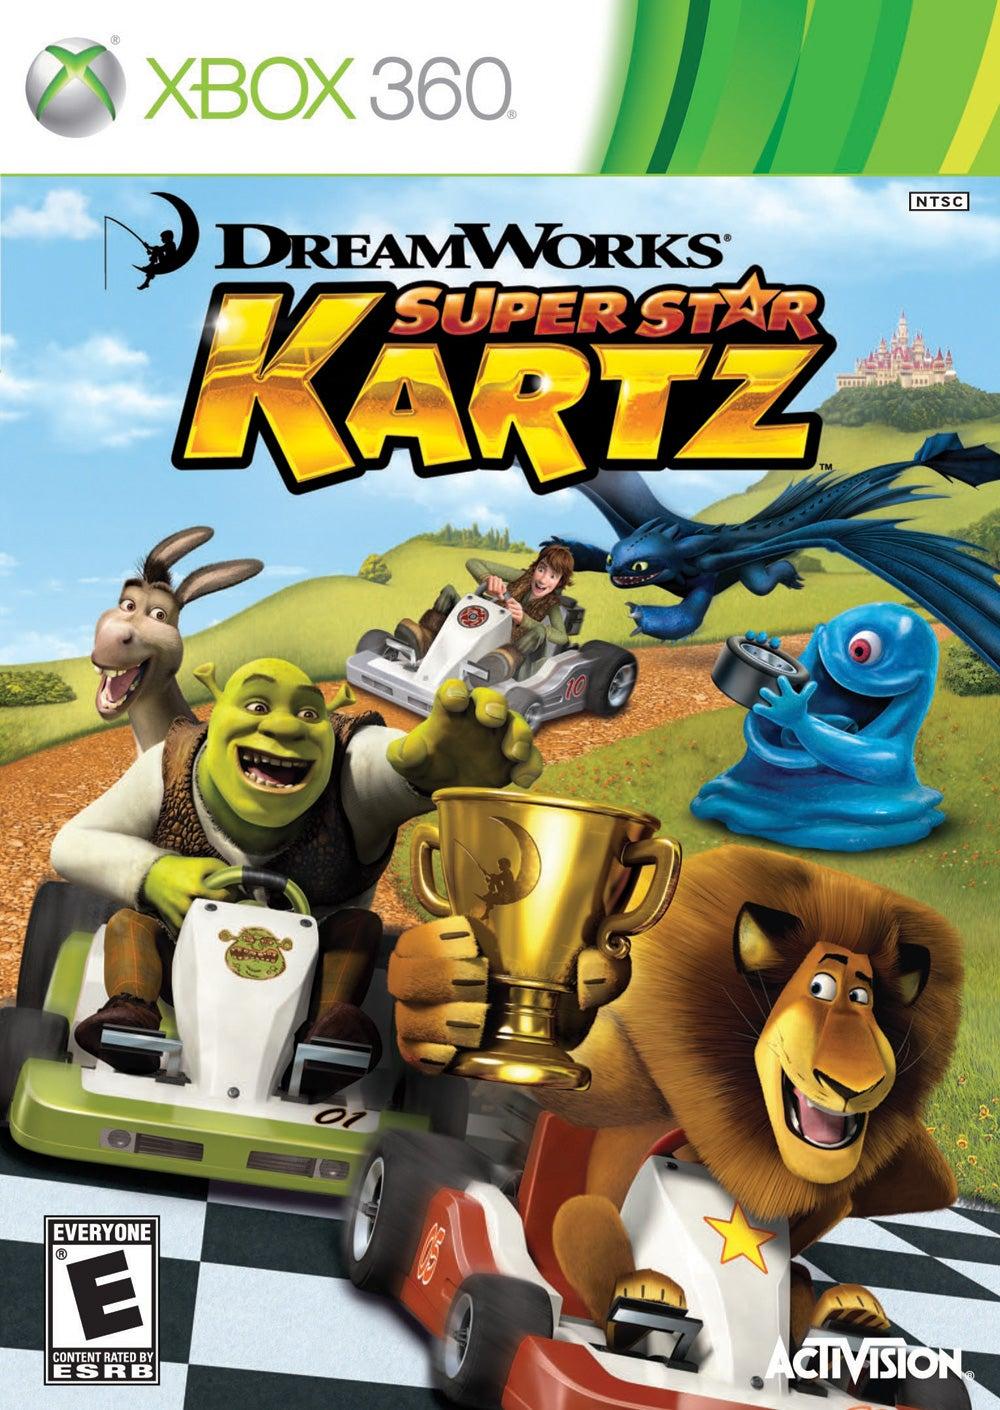 DreamWorks Super Star Kartz - Xbox 360 - IGN